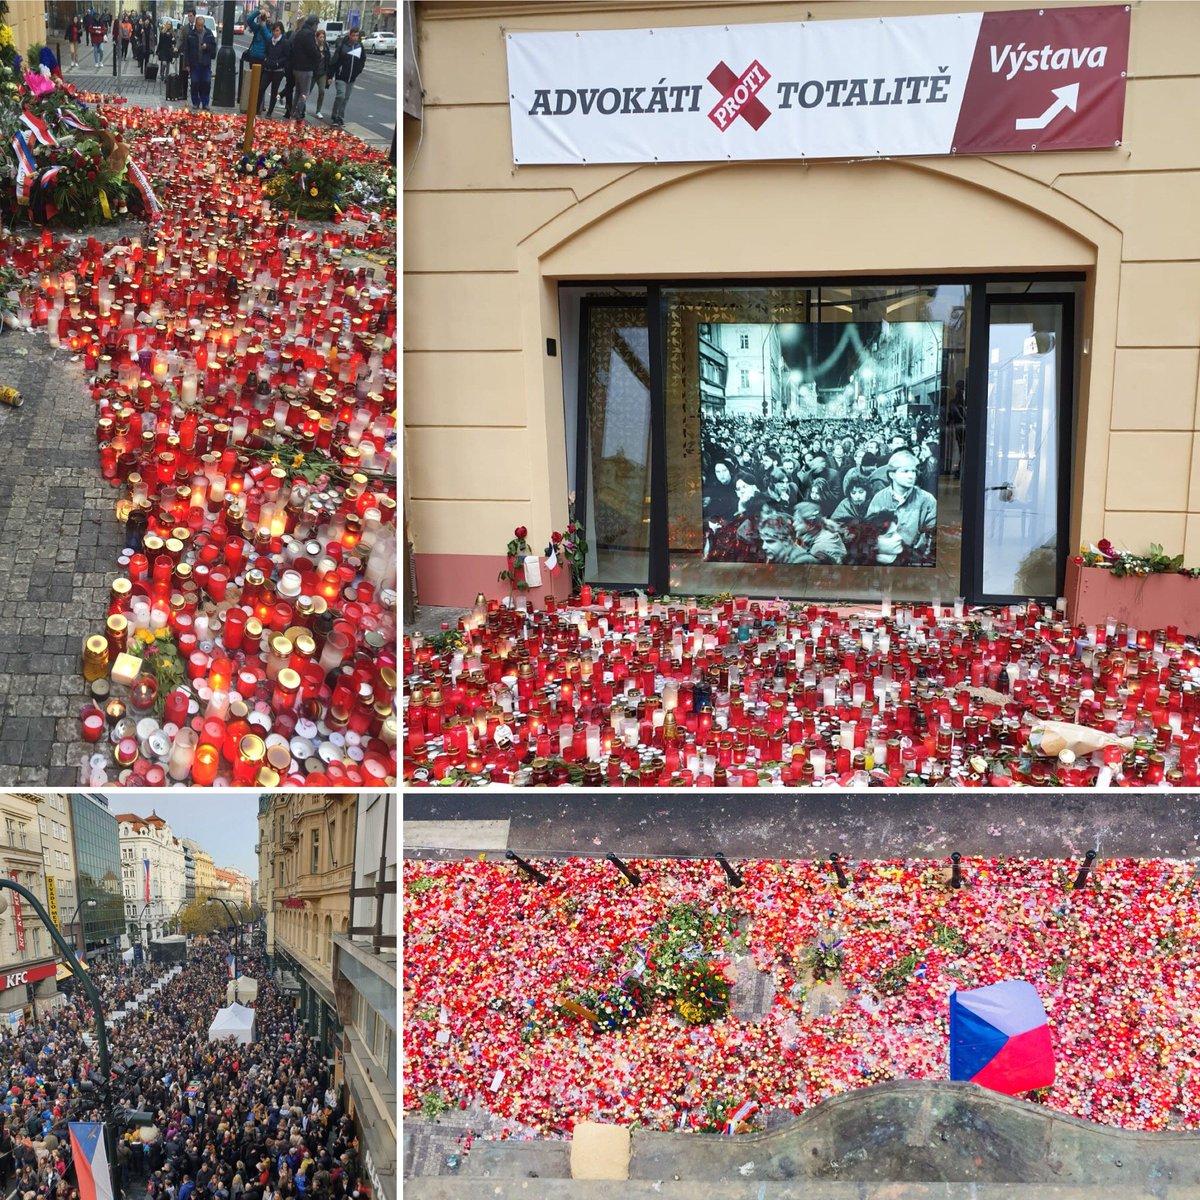 test Twitter Media - Sídlo @CAK_cz dnes po sedmé hodině ráno. Děkujeme všem, kteří se zúčastnili oslav #30letsvobody u památníku #17listopadu. Děkujeme i těm, kdo se zastavili na výstavě #Advokatiprotitotalite, nadále je otevřeno ve všední dny od 8 - 17 hod, o víkendu od 10 - 17 hodin. https://t.co/nvsqJTNp9R